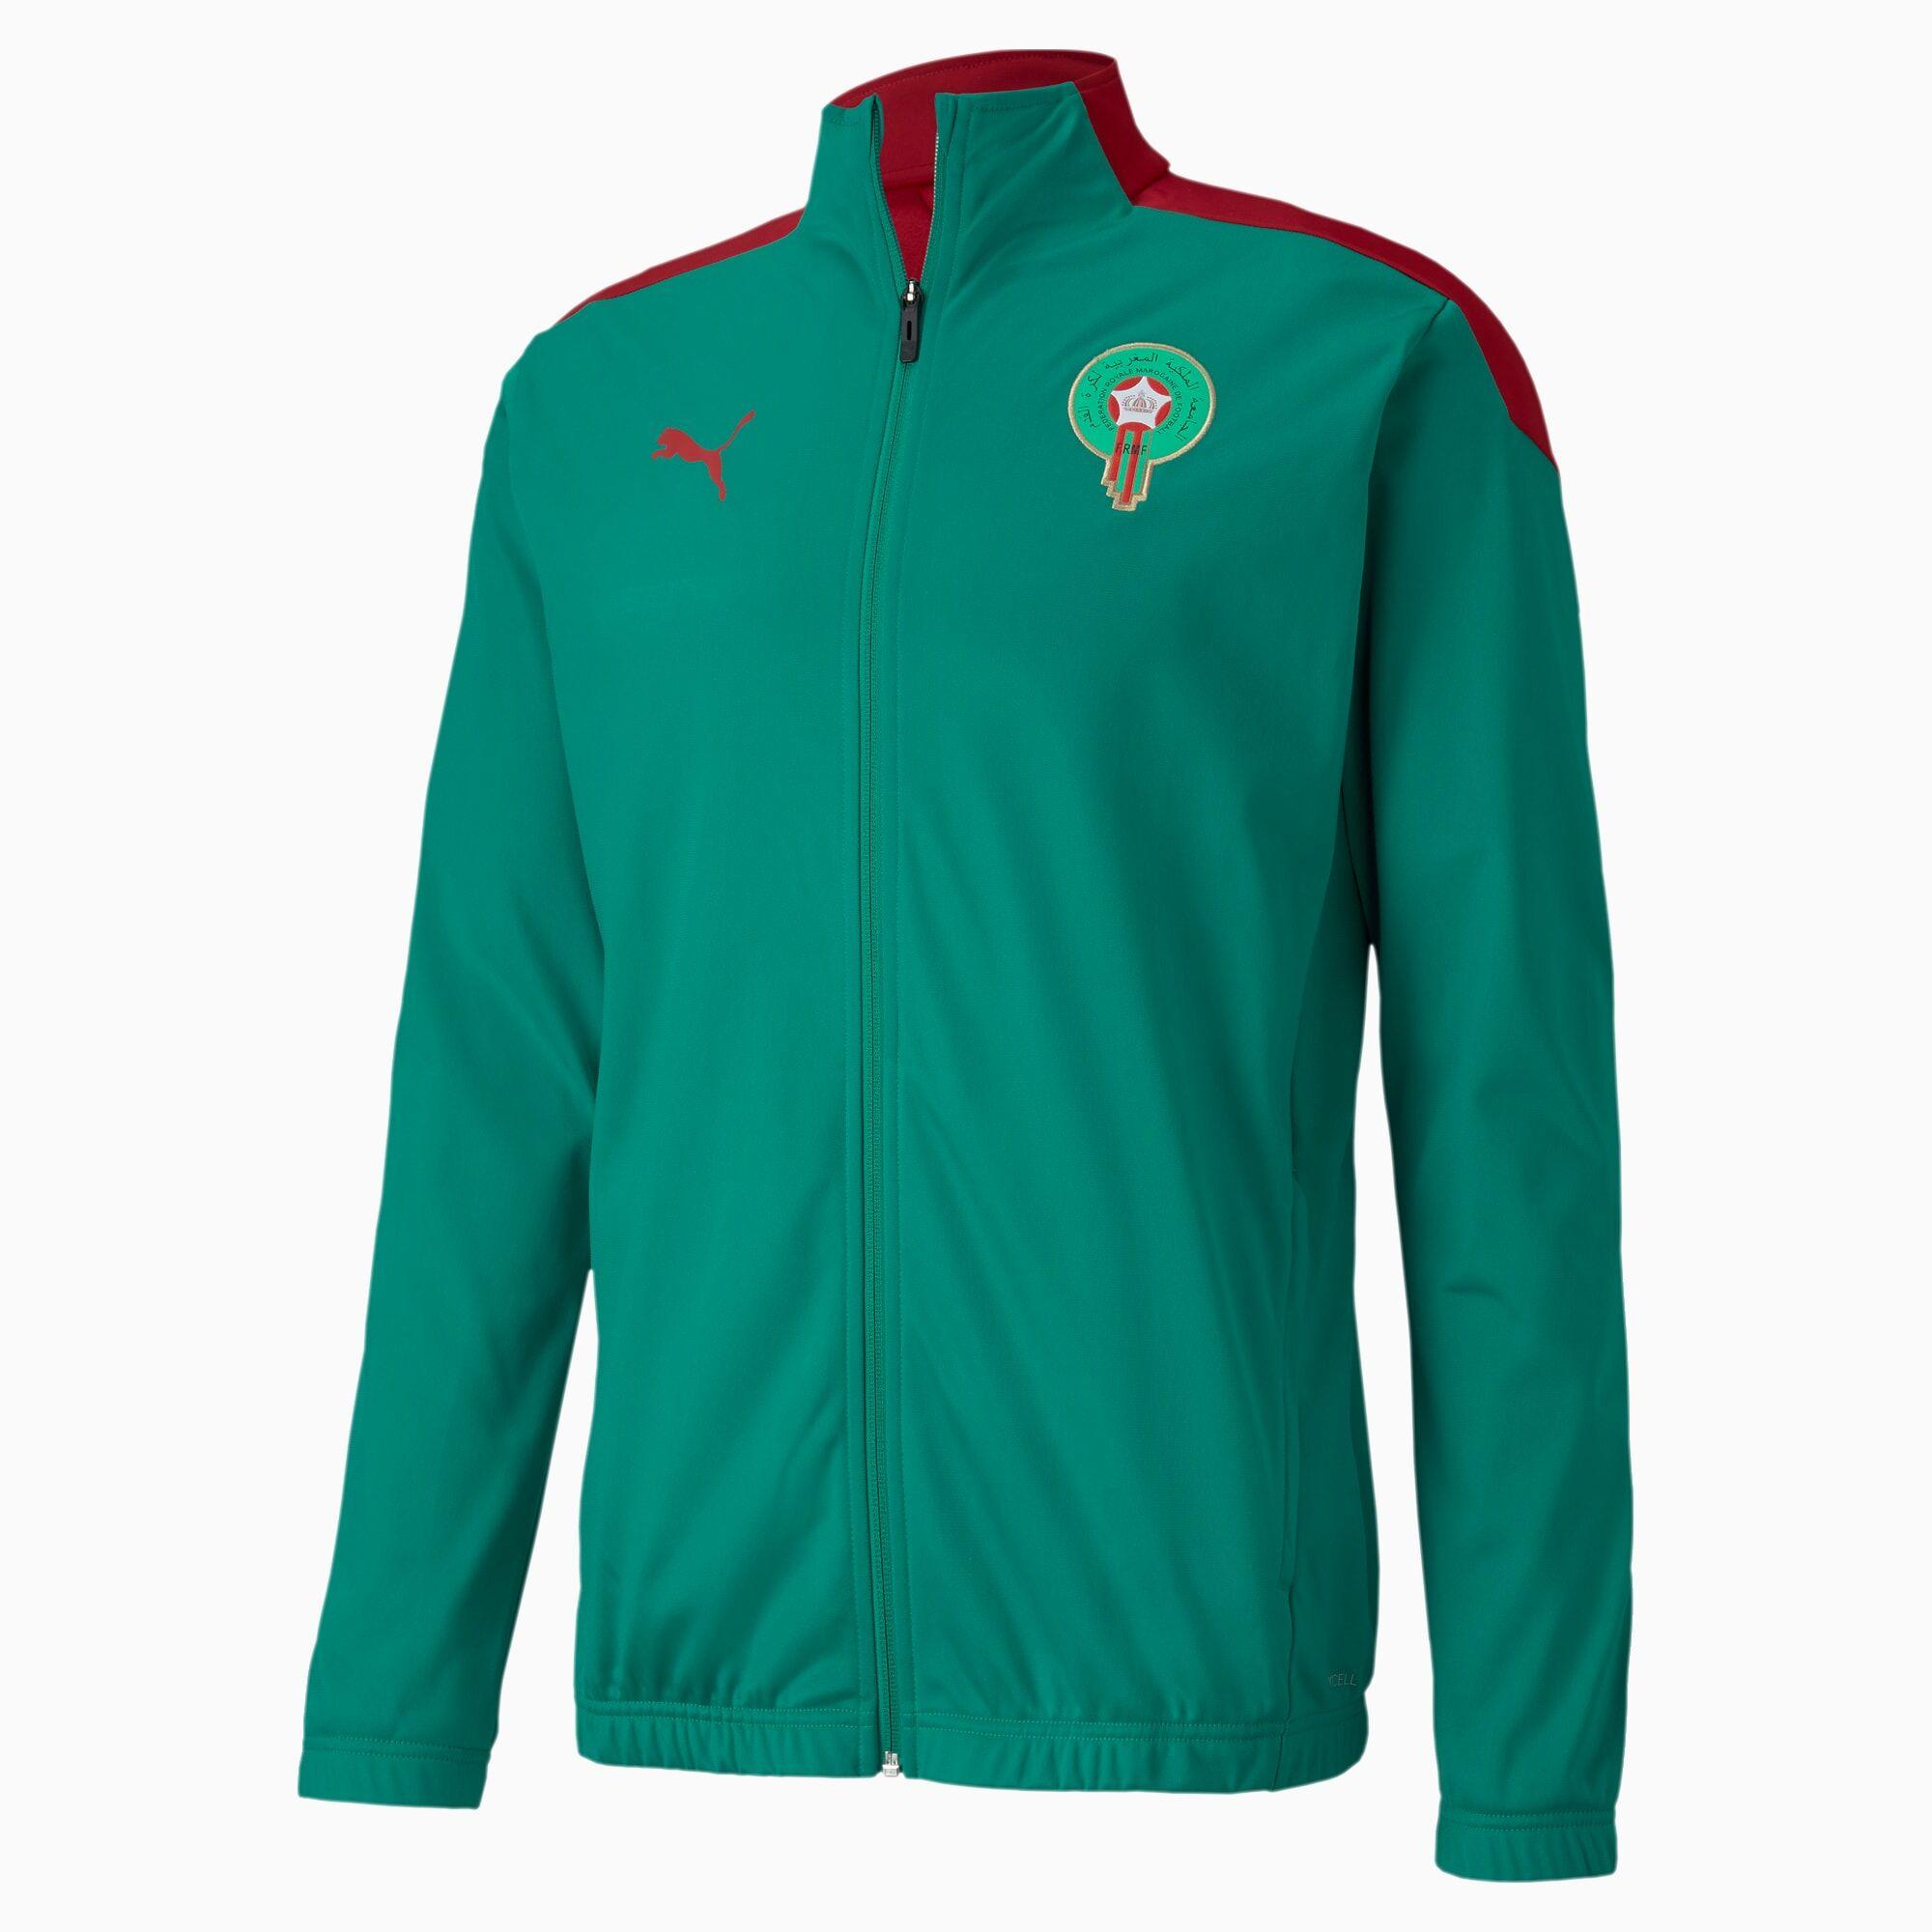 PUMA Blouson Maroc Stadium pour Homme, Vert/Rouge, Taille L, Vêtements